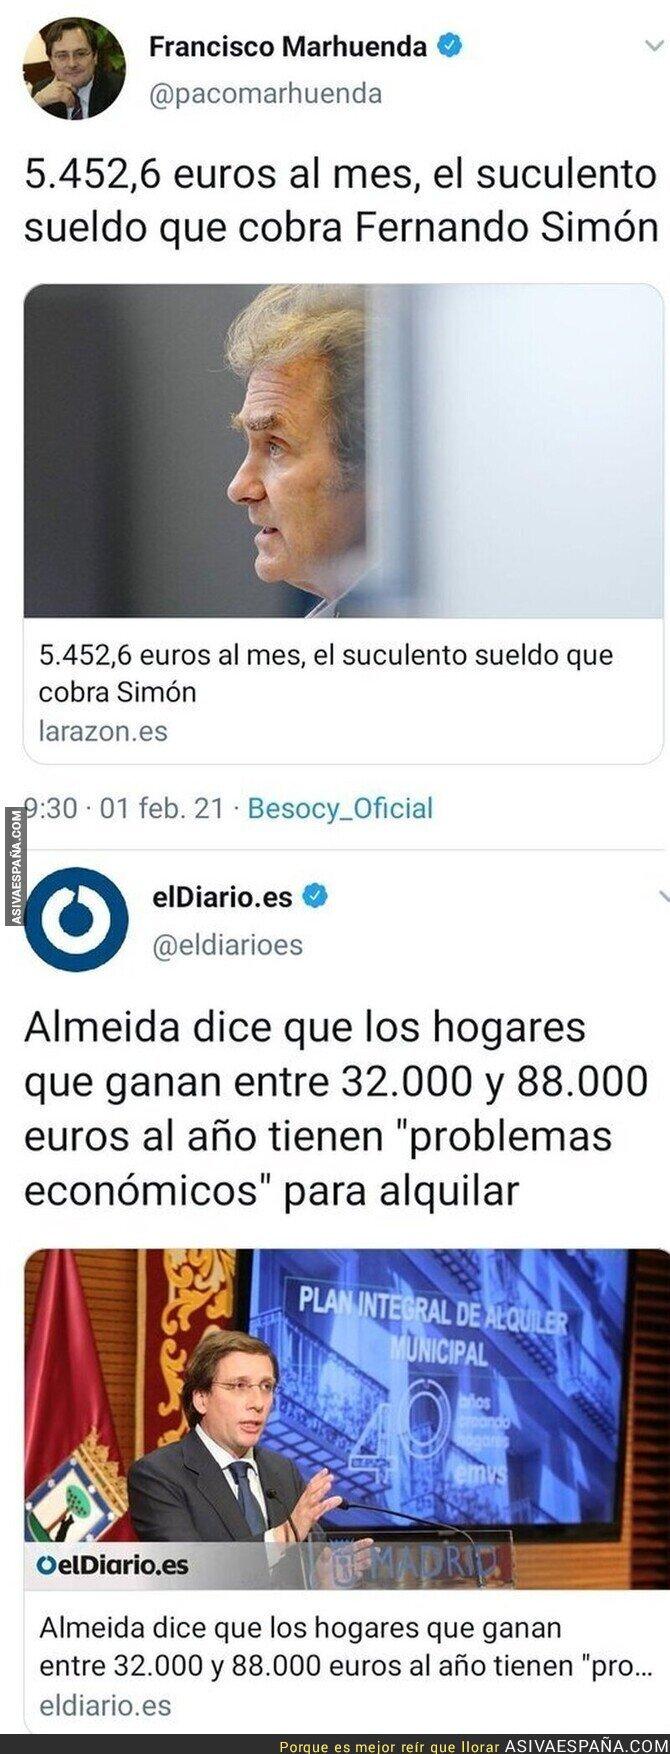 579501 - Fernando Simón tiene problemas para alquilar según la Comunidad de Madrid siguiendo la lógica